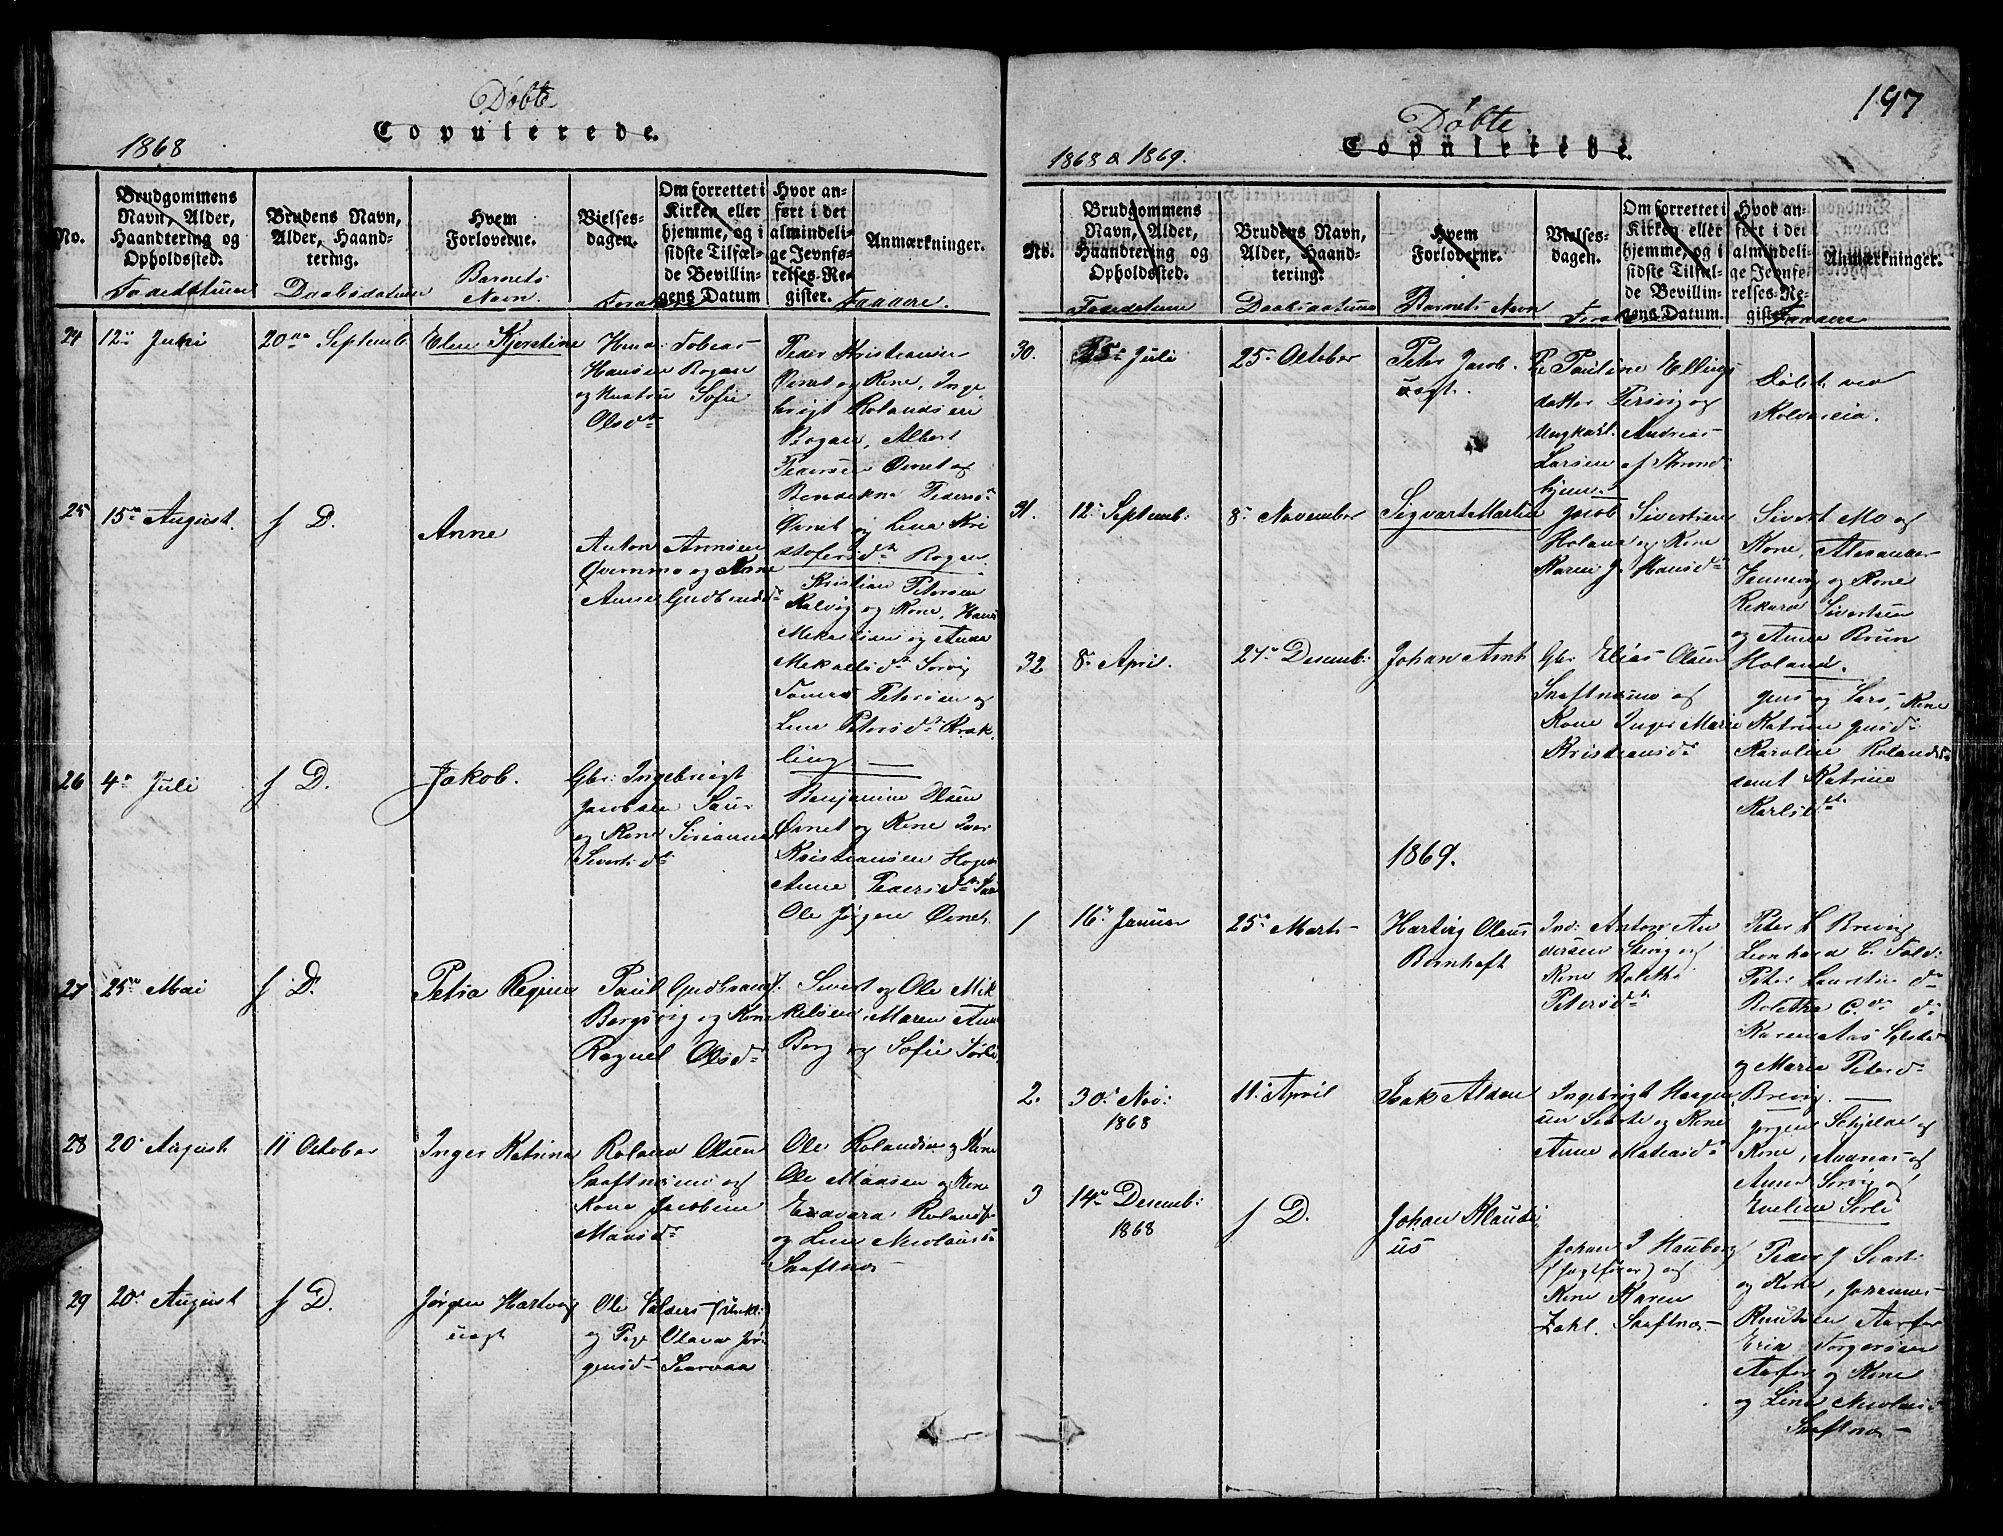 SAT, Ministerialprotokoller, klokkerbøker og fødselsregistre - Nord-Trøndelag, 780/L0648: Klokkerbok nr. 780C01 /3, 1815-1877, s. 197